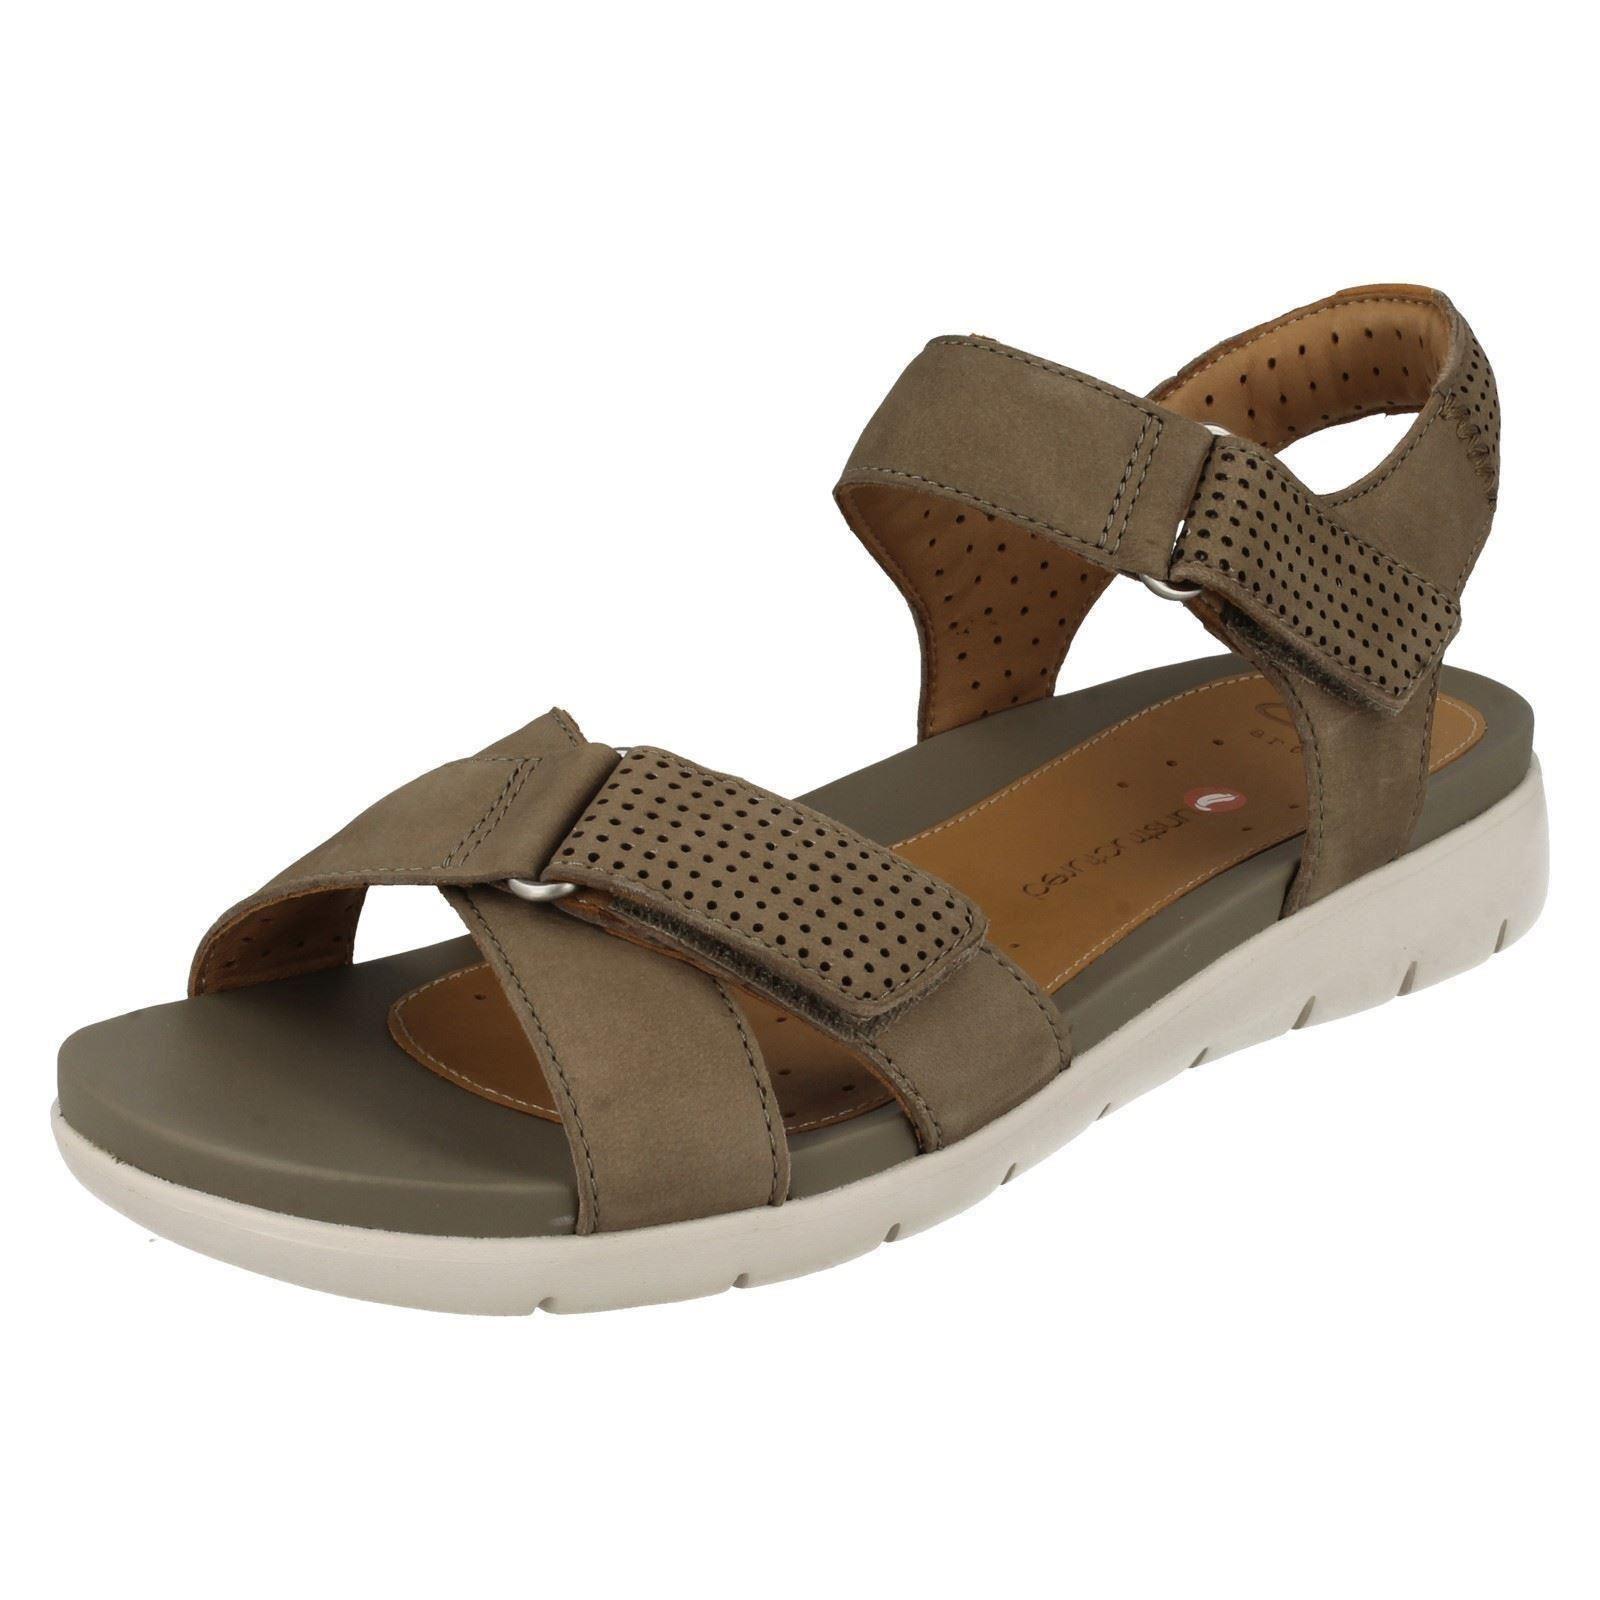 Ladies Clarks Unstructured Summer Sandals Un Saffron Ebay